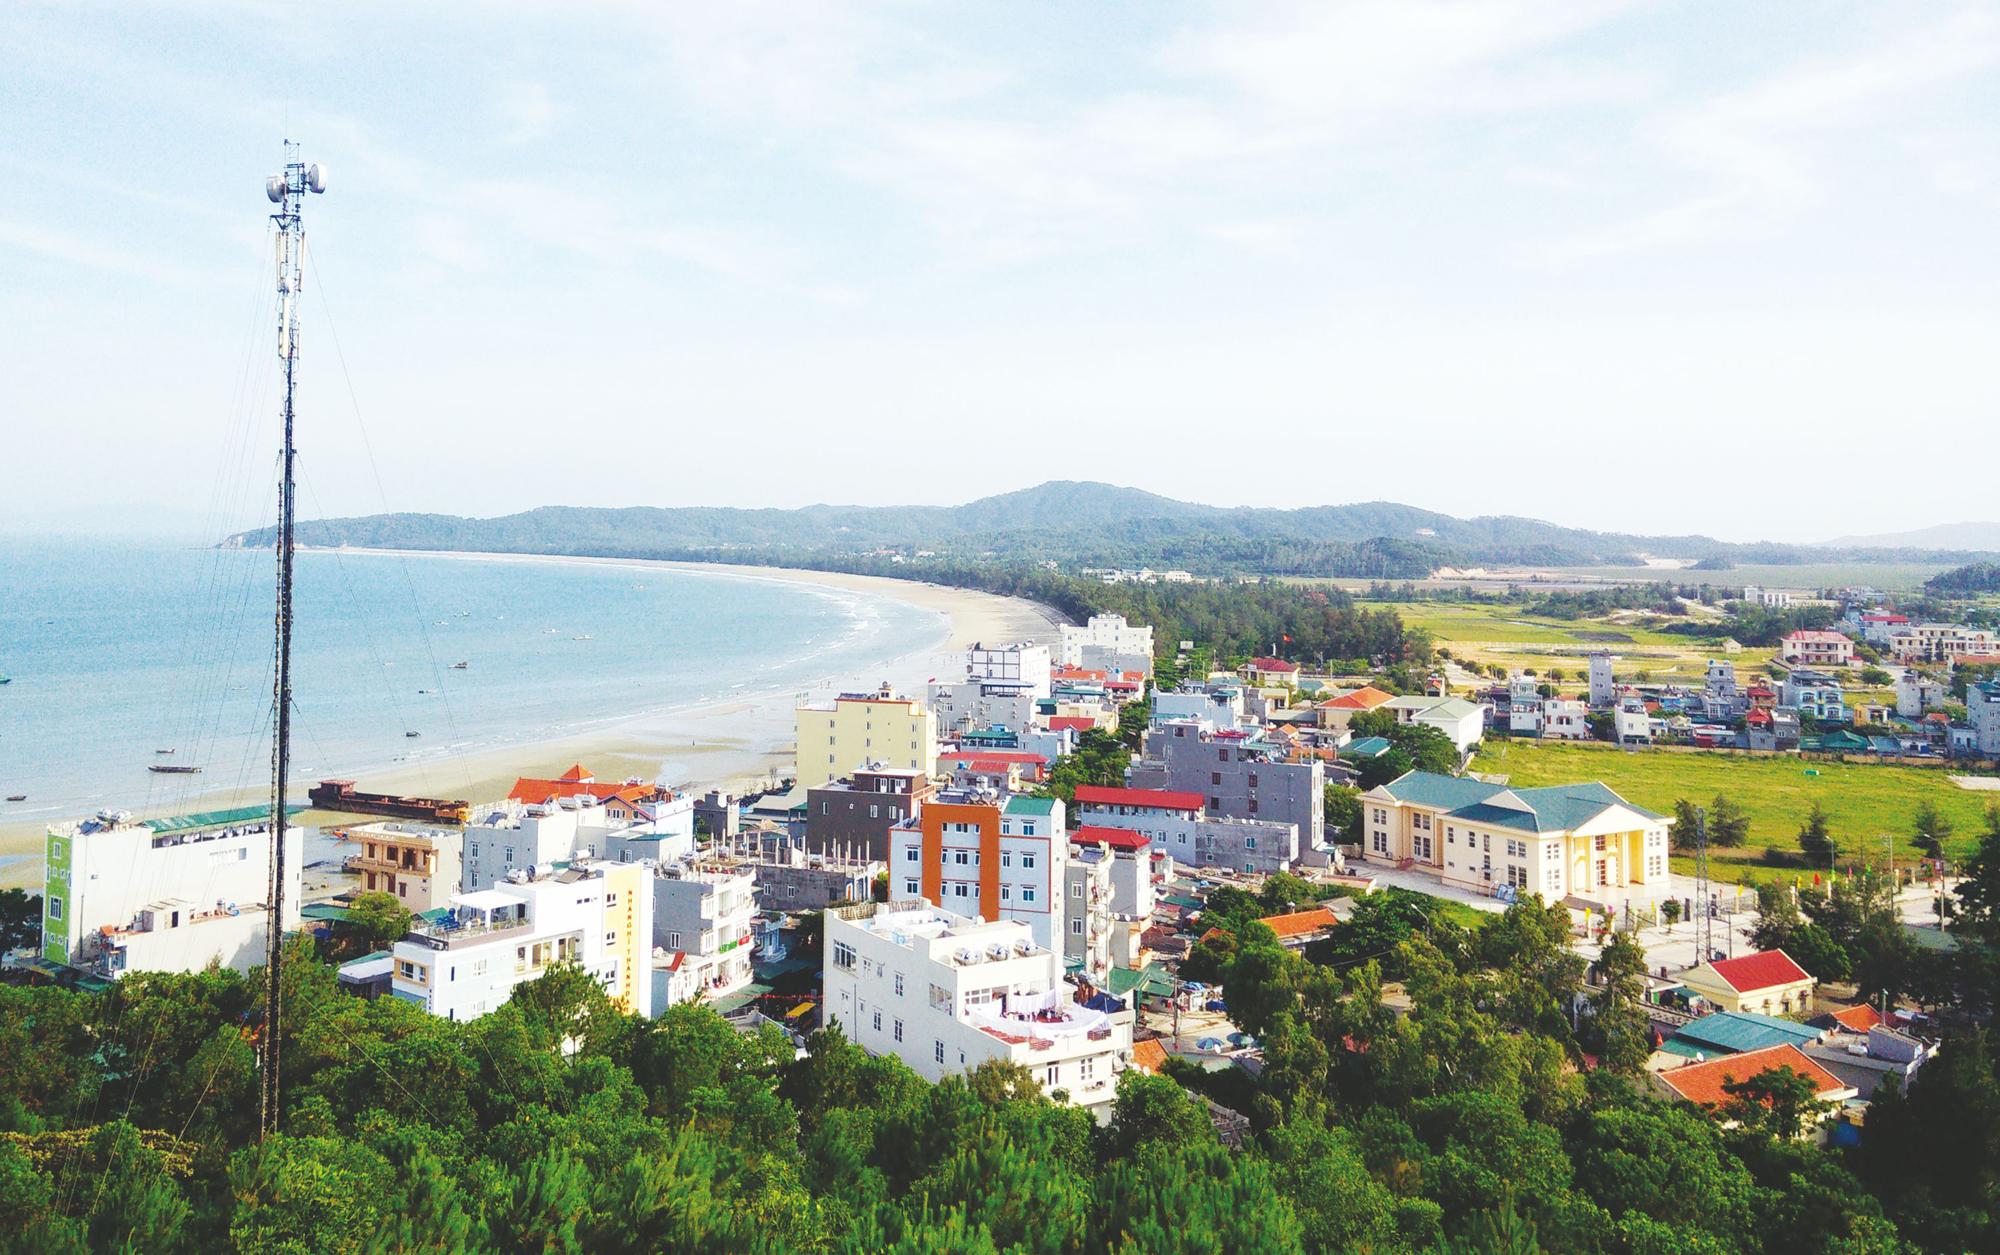 Co To se convierte en primer nuevo distrito insular de Vietnam